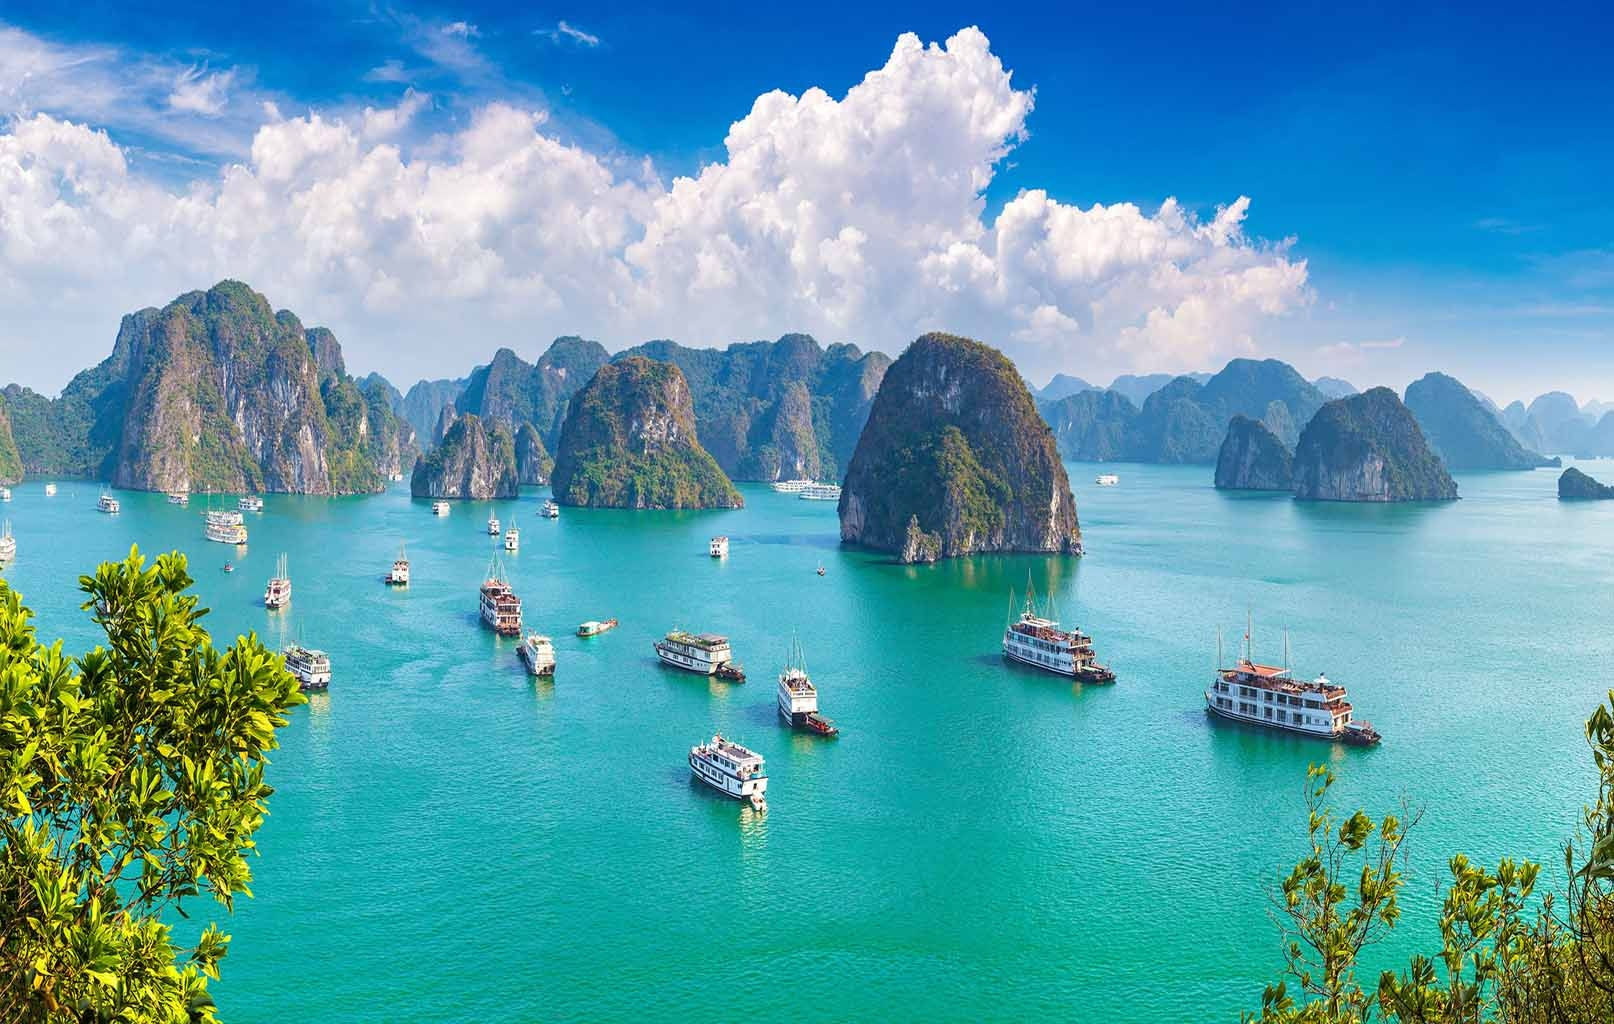 Du lịch xuyên Việt